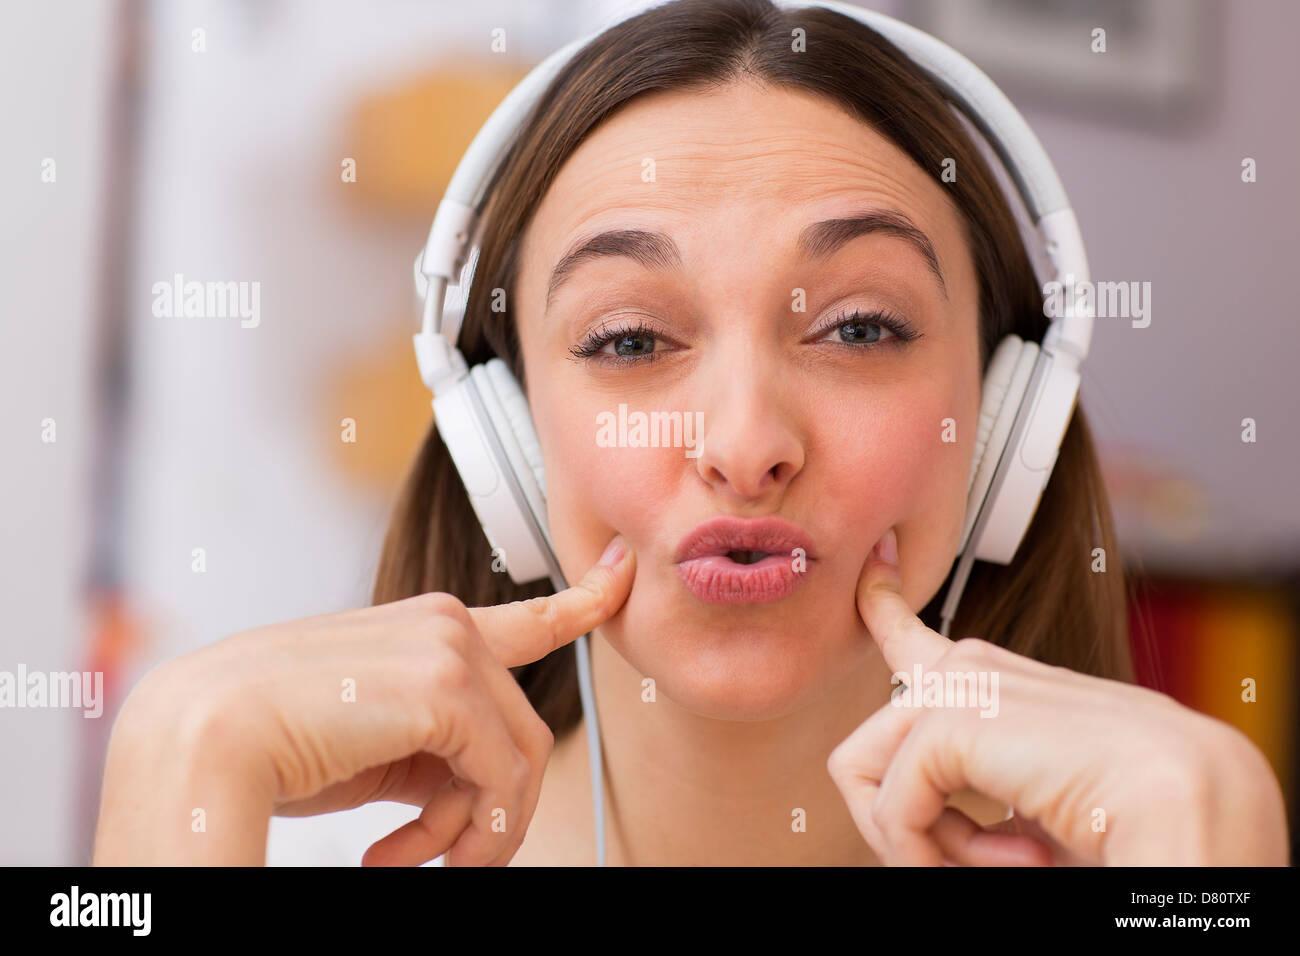 Affascinante ragazza godendo la musica attraverso le cuffie, sul divano Immagini Stock